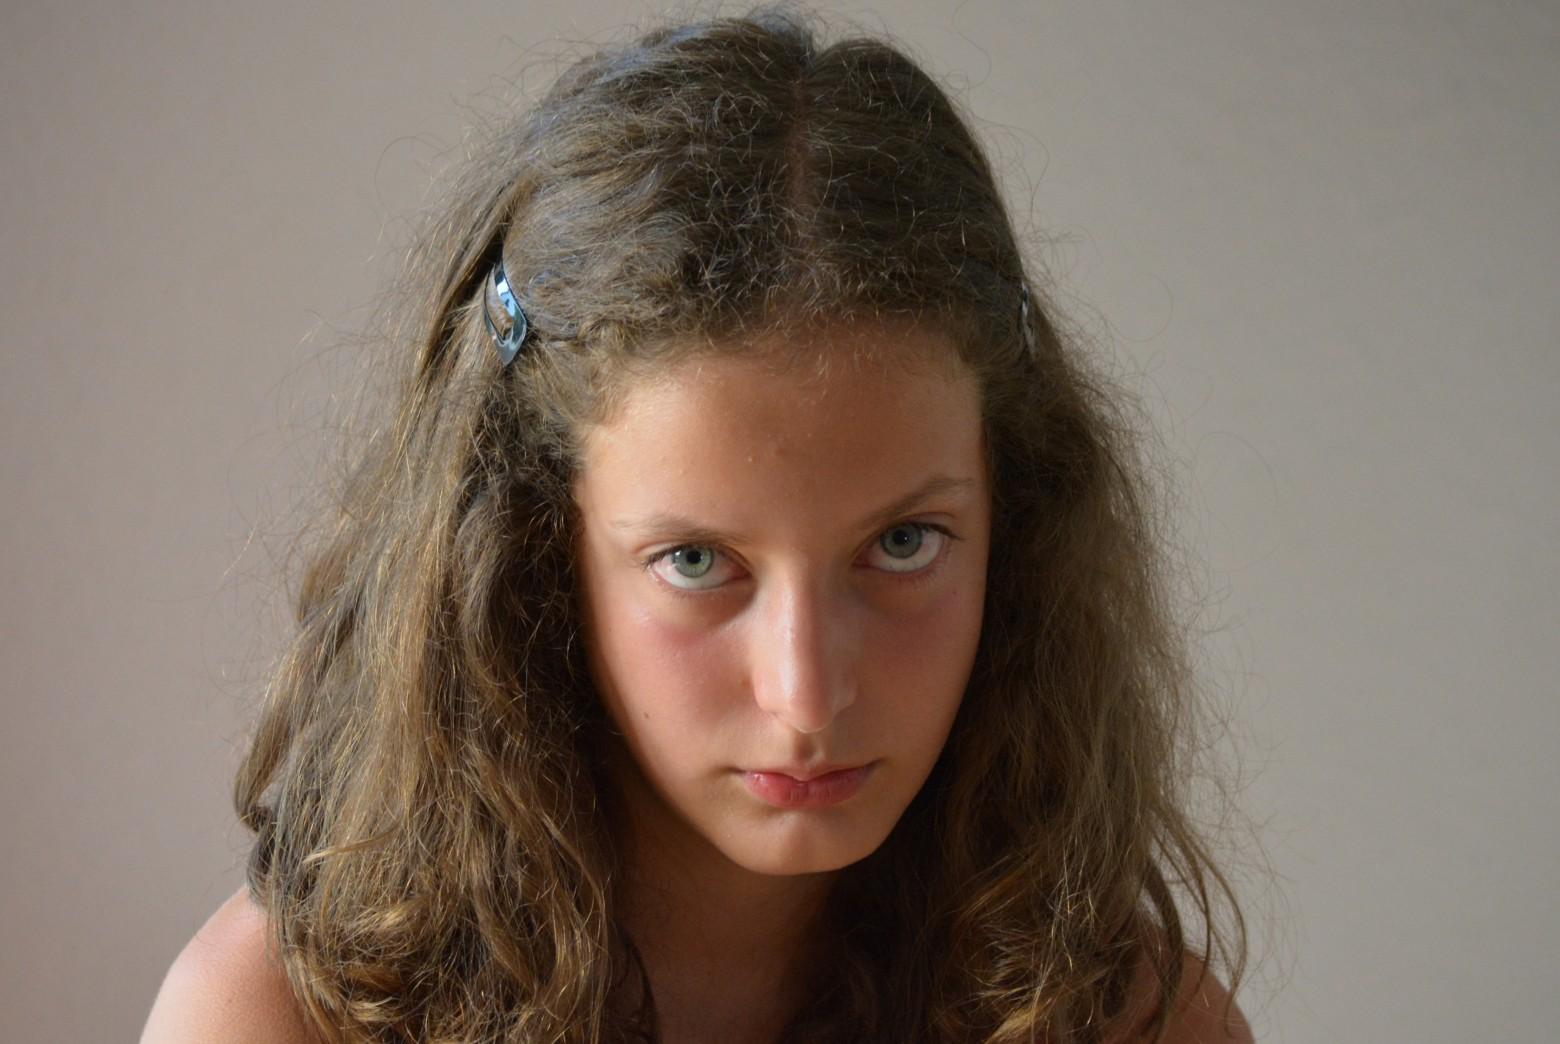 portrait jeune fille adolescente qui boude col re images. Black Bedroom Furniture Sets. Home Design Ideas